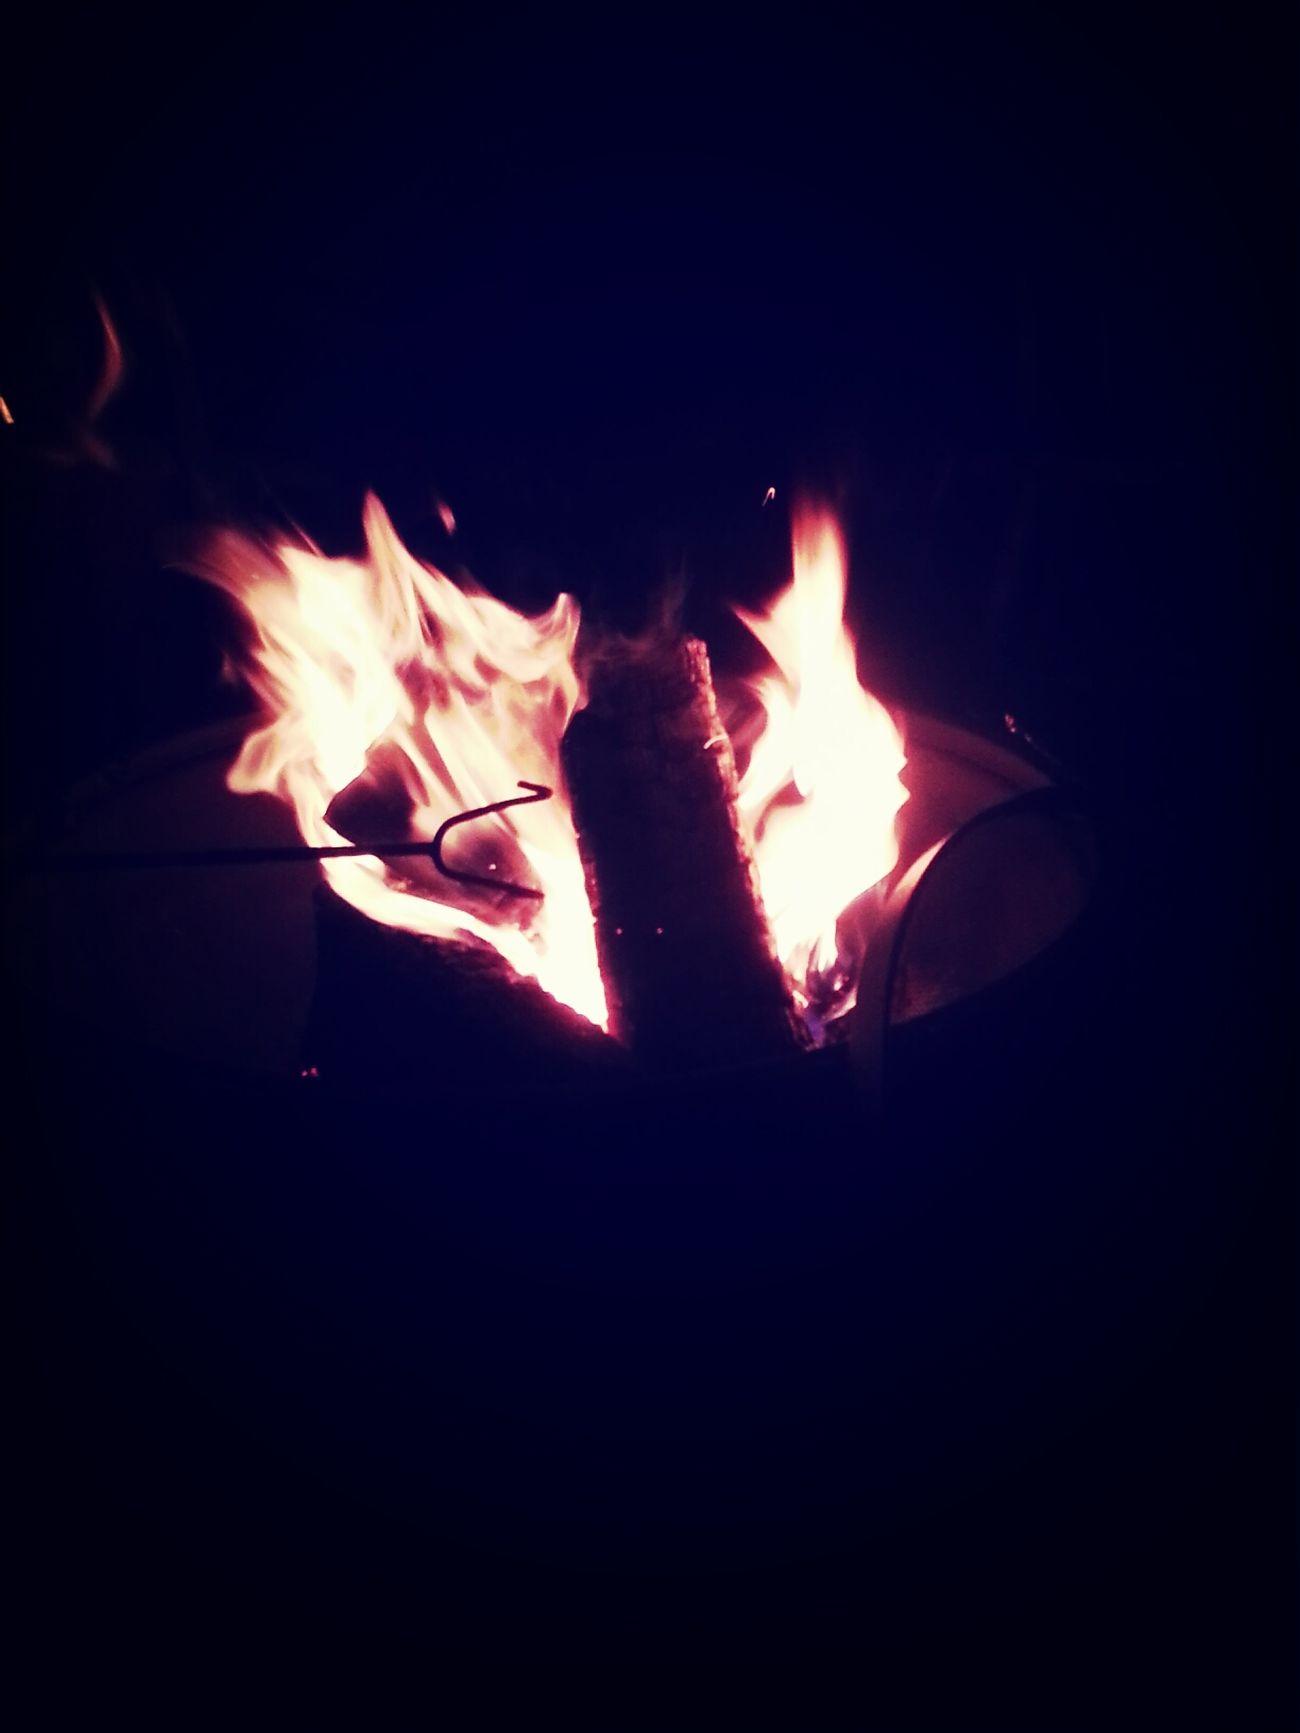 Firepit Thisiswhatidoatotherpplsbirfffdaypartys